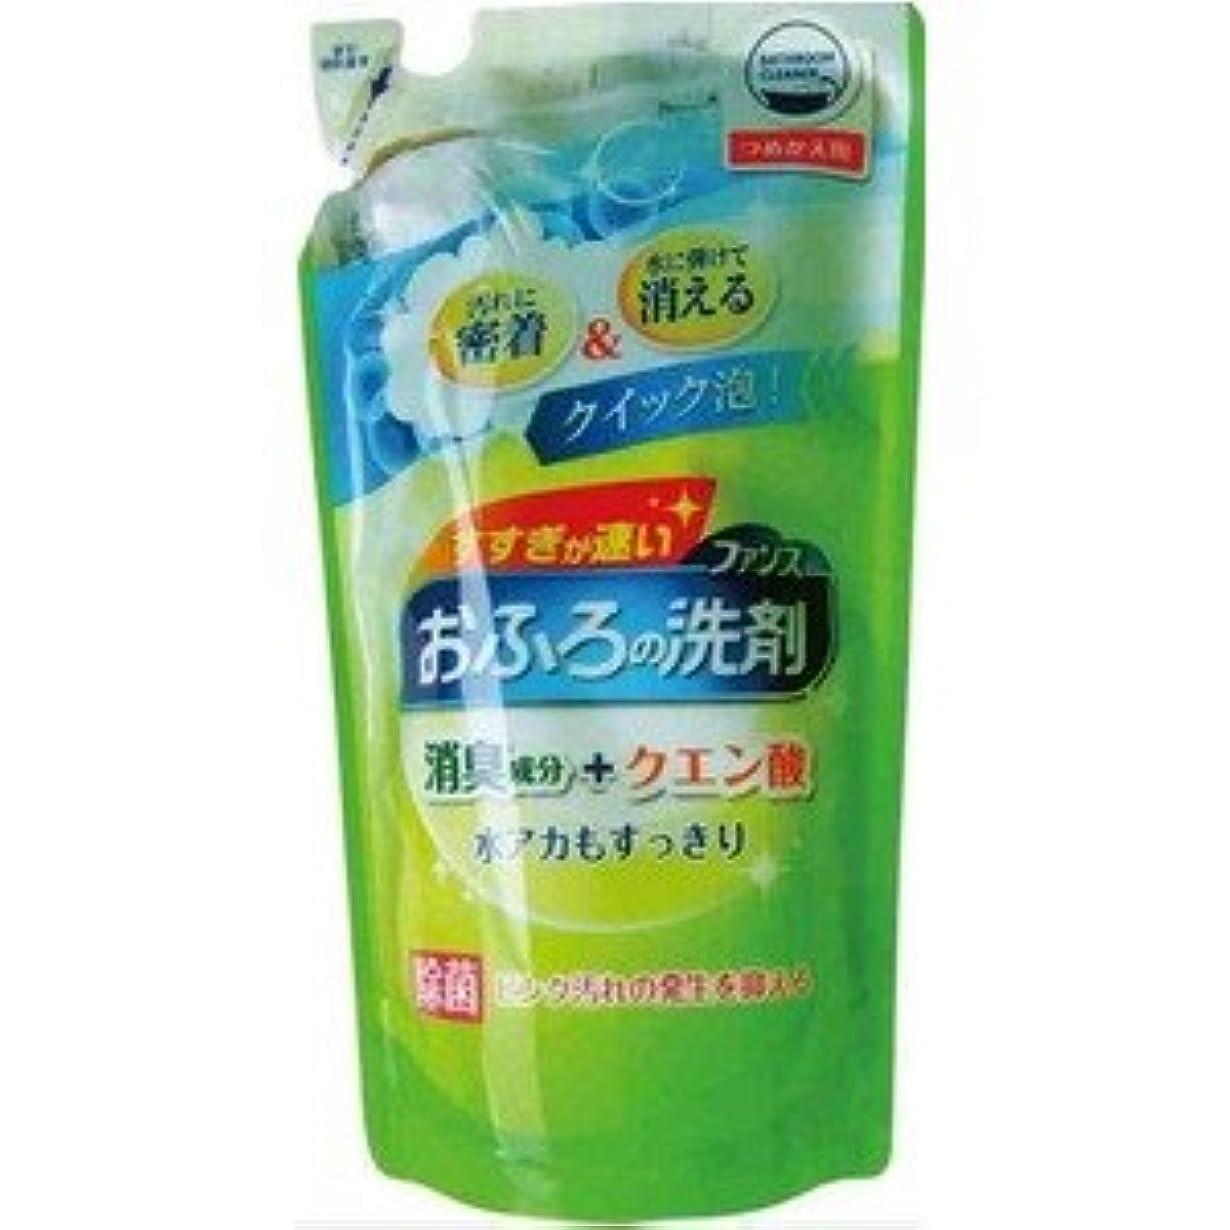 燃料に応じて量でファンス おふろの洗剤グリーンハーブ詰替用330ml 46-262 【200個セット】